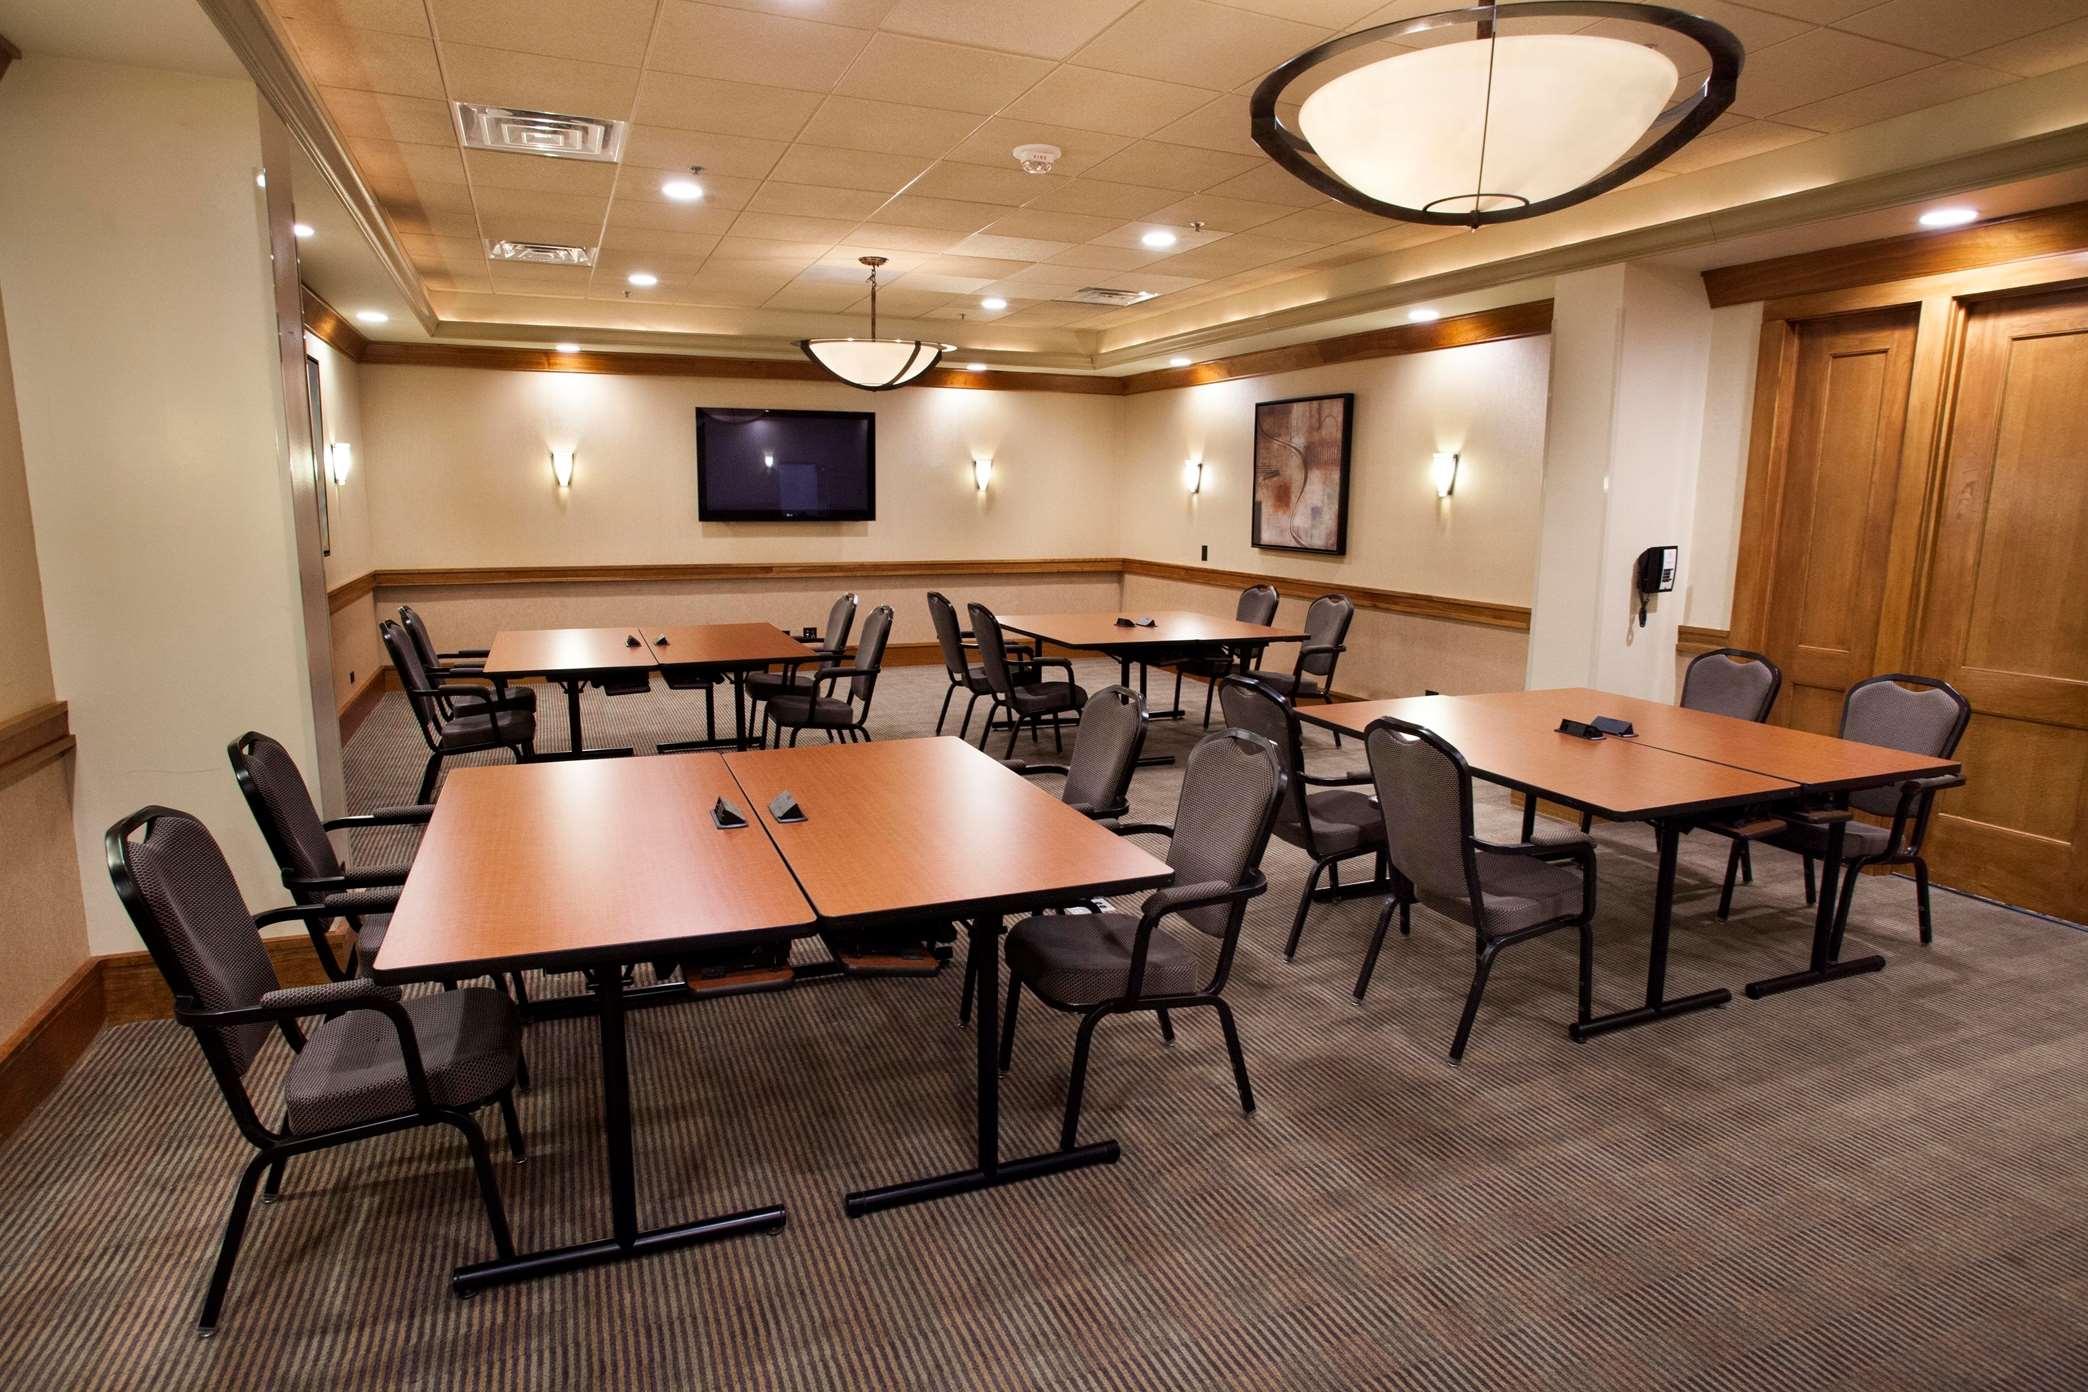 Hilton Chicago/Oak Brook Suites image 27